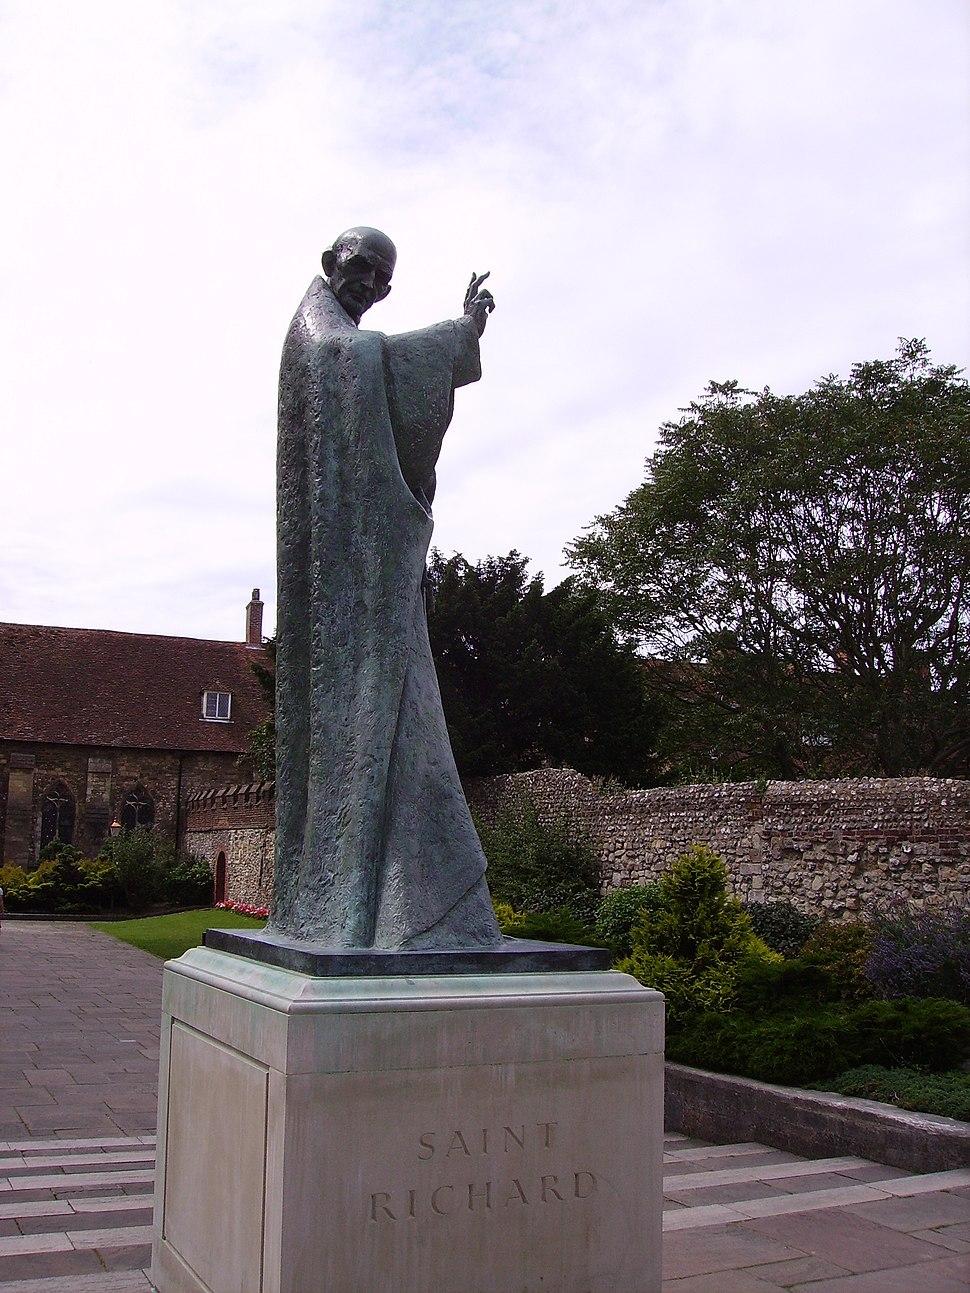 St Richard Chichester